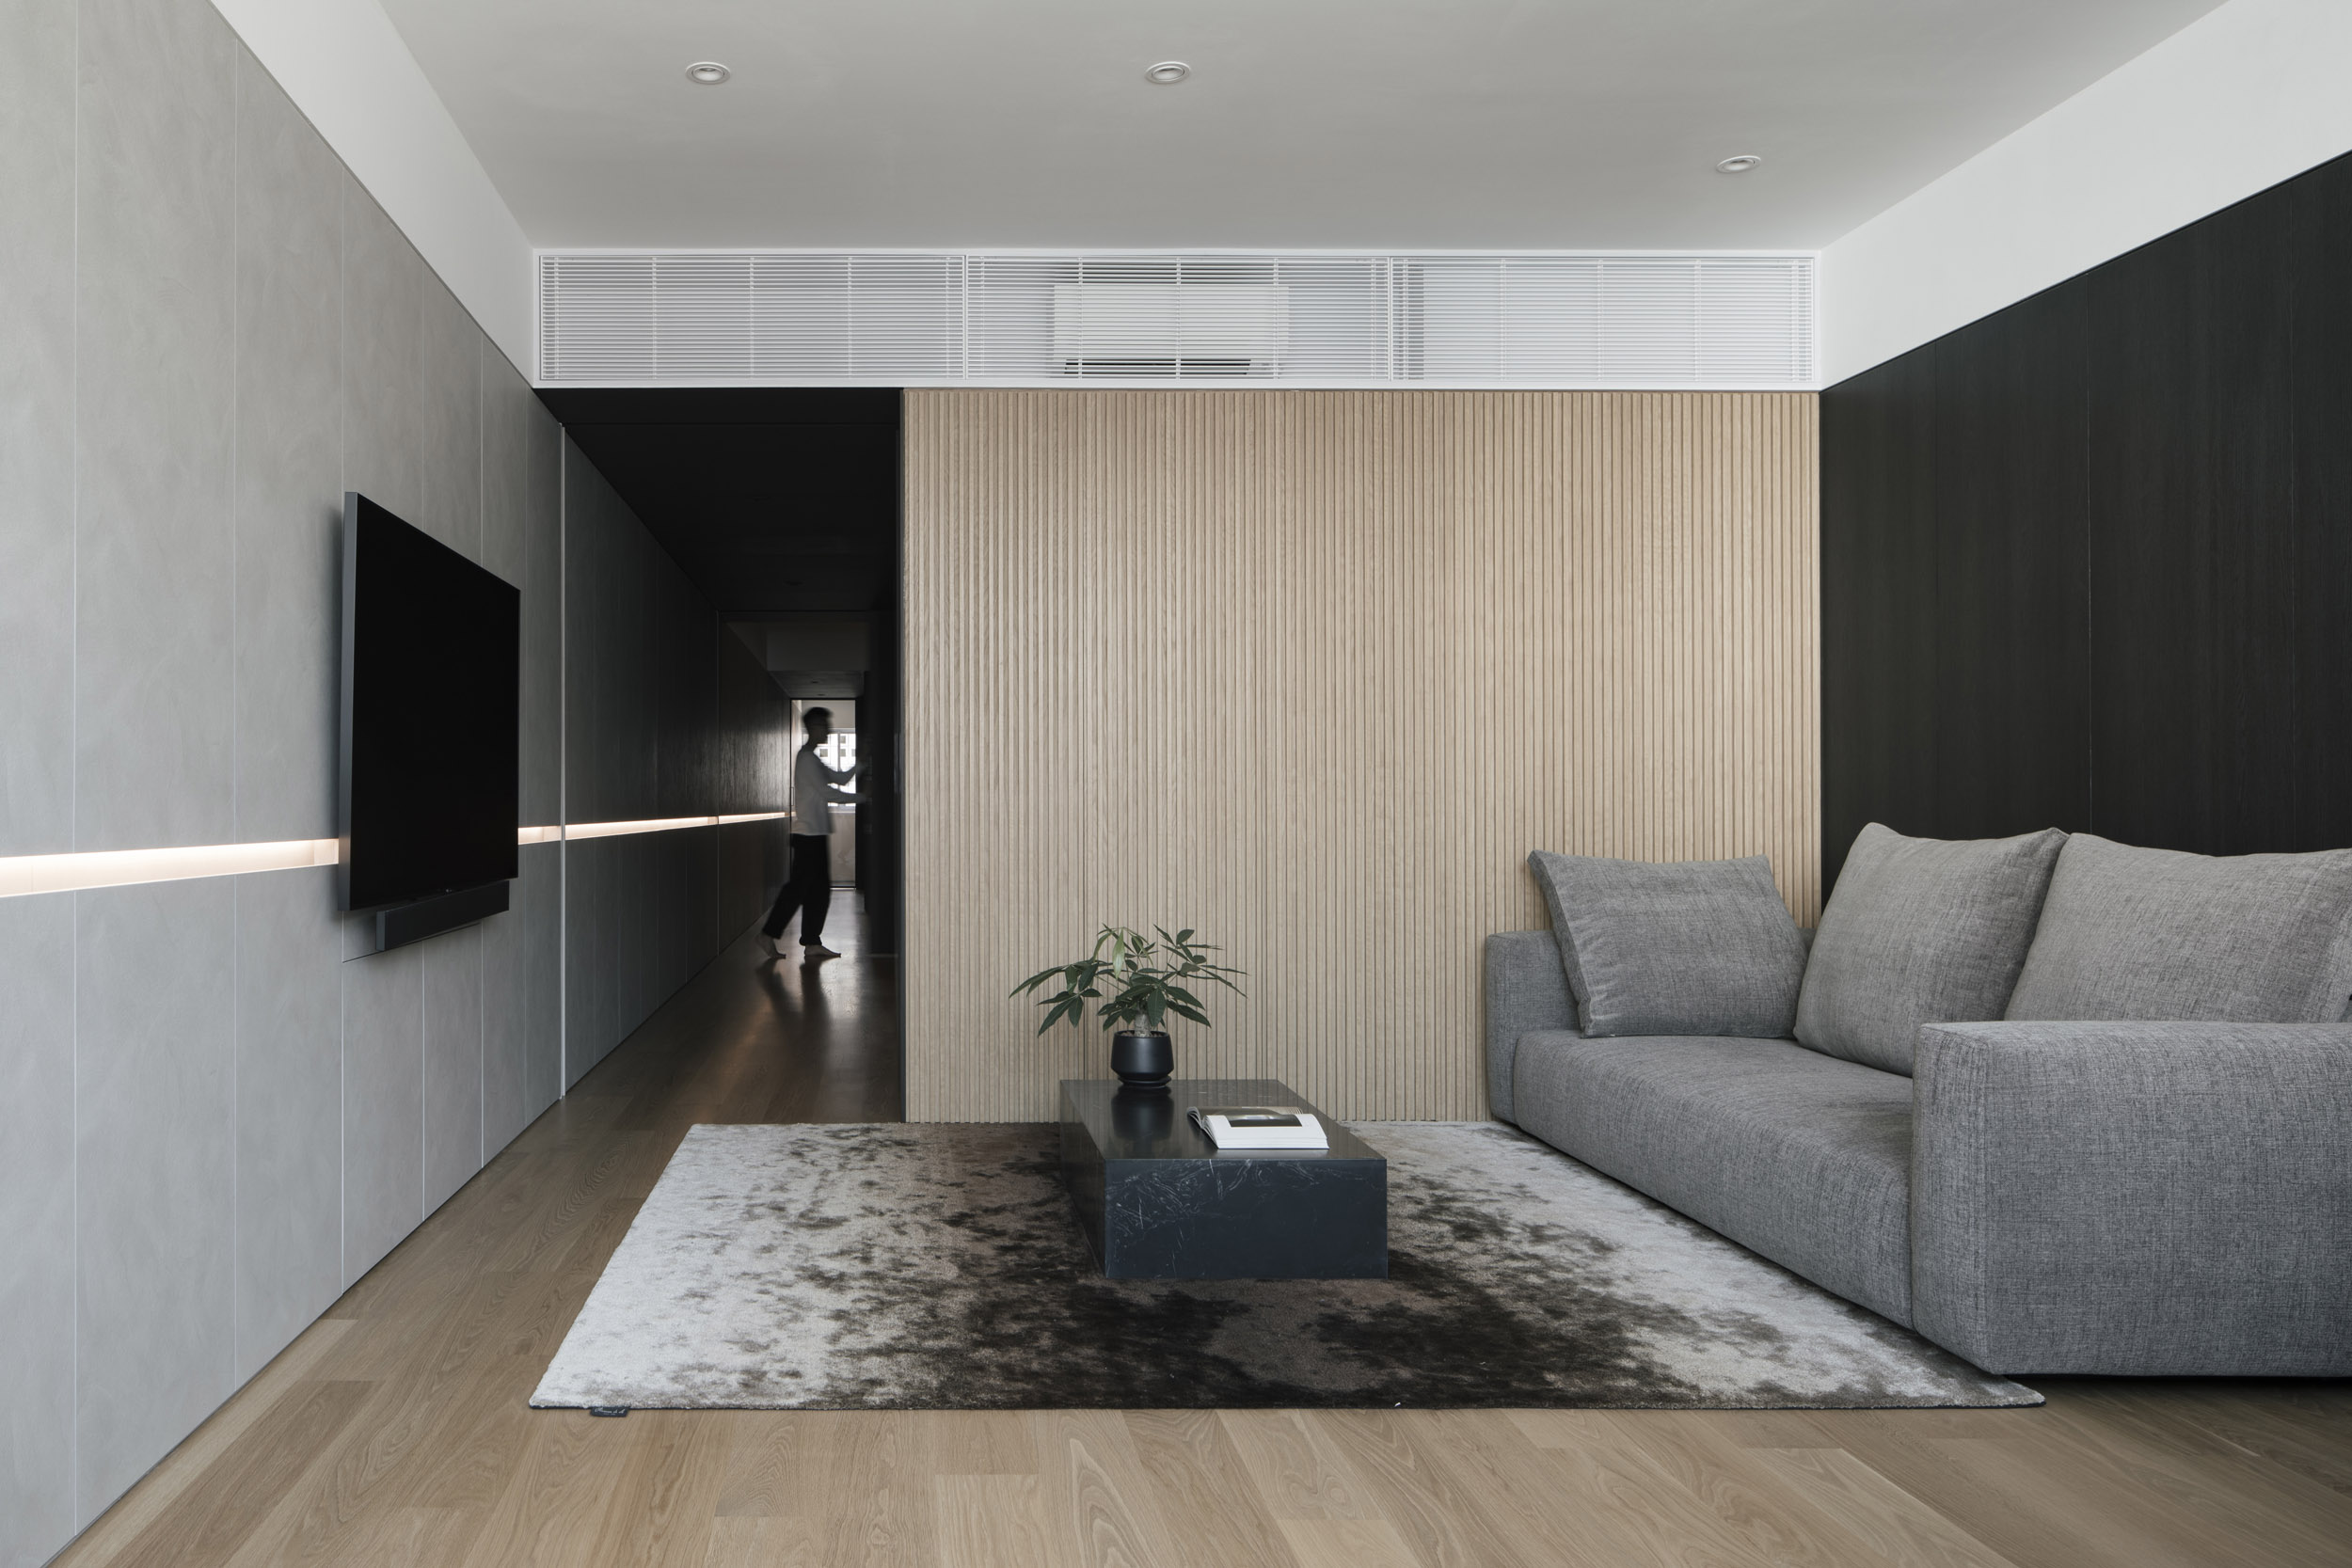 0932: Apartment 0201